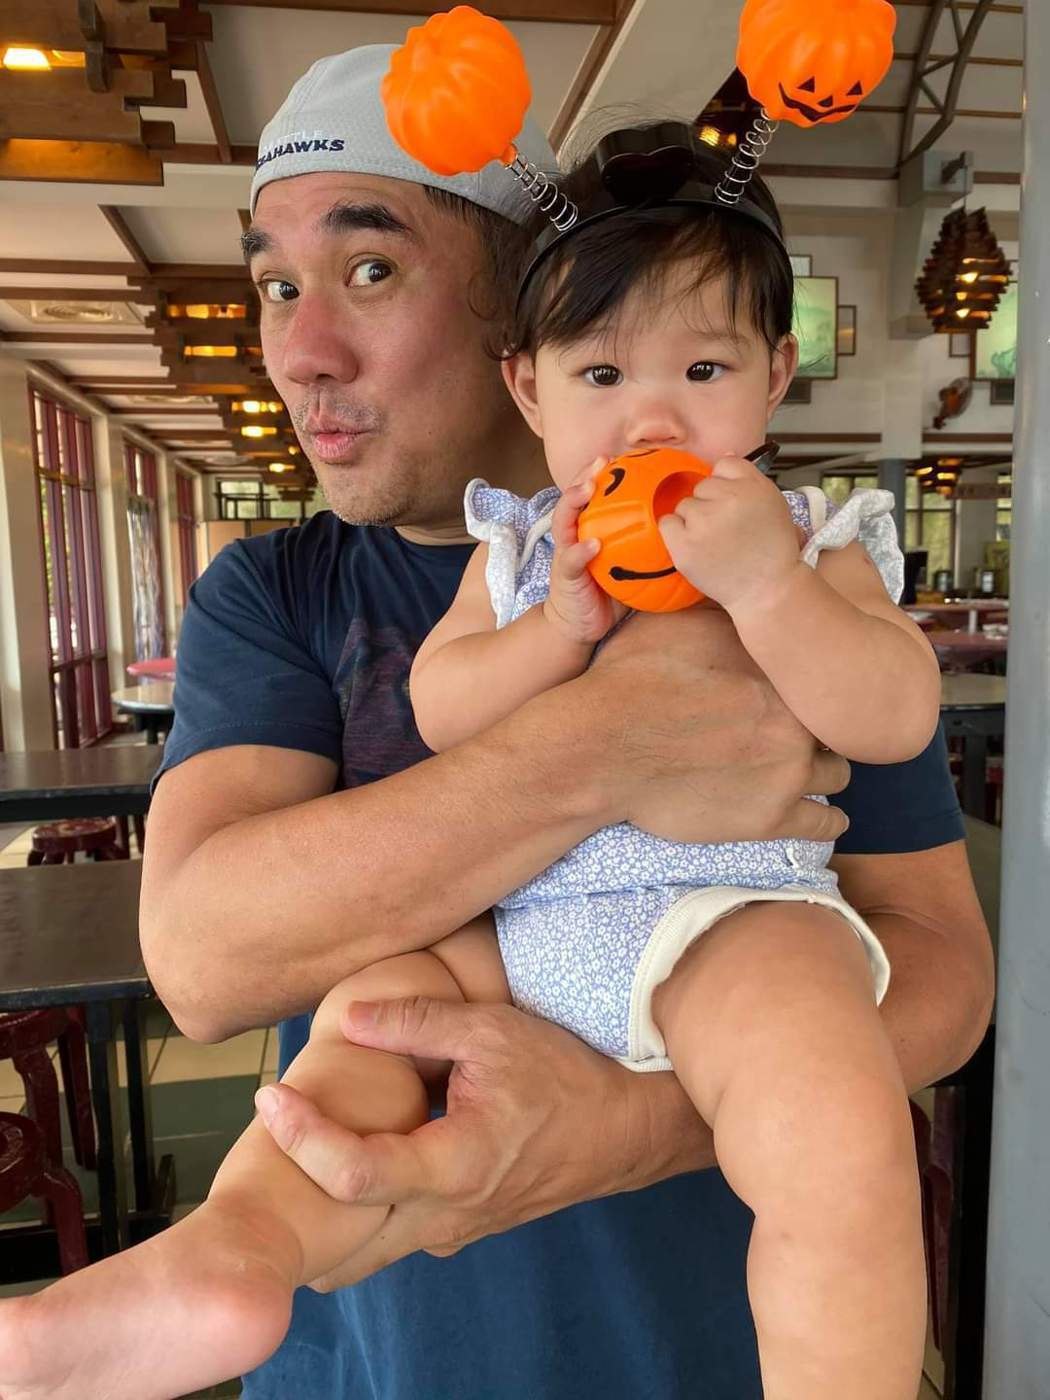 吳大維老來得女,對女兒十分寵愛。圖/摘自臉書